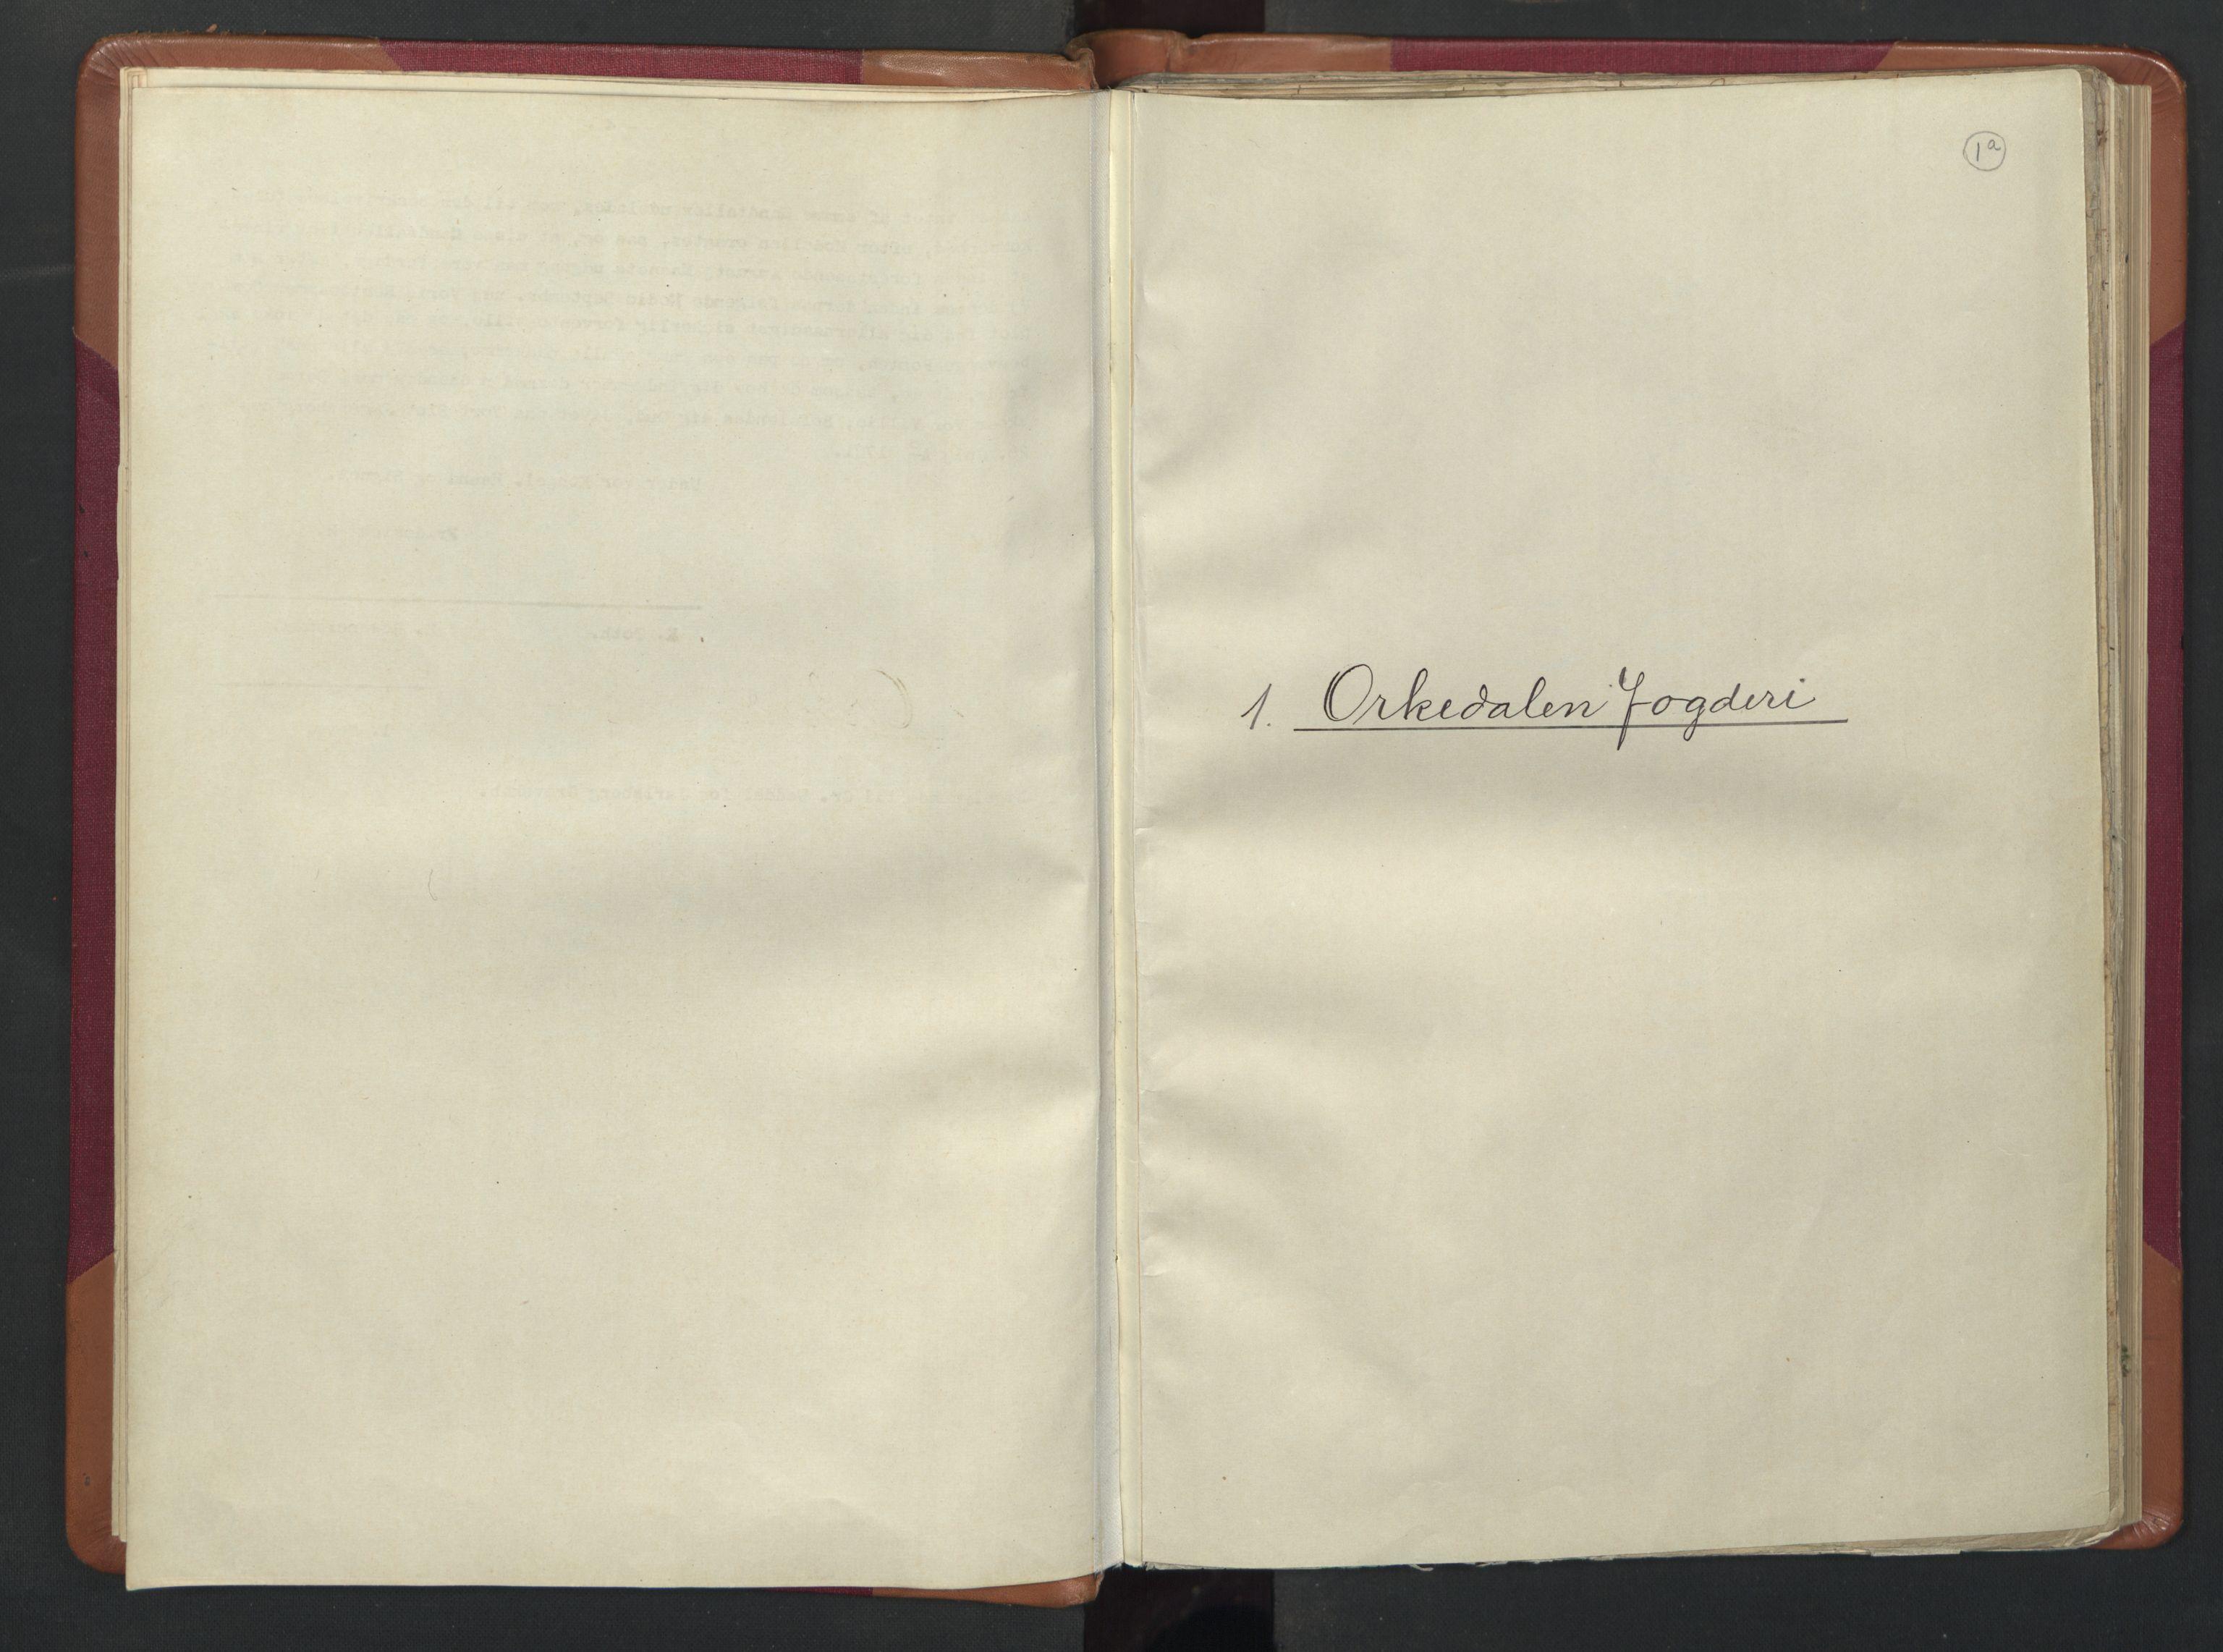 RA, Manntallet 1701, nr. 13: Orkdal fogderi og Gauldal fogderi med Røros kobberverk, 1701, s. 1a